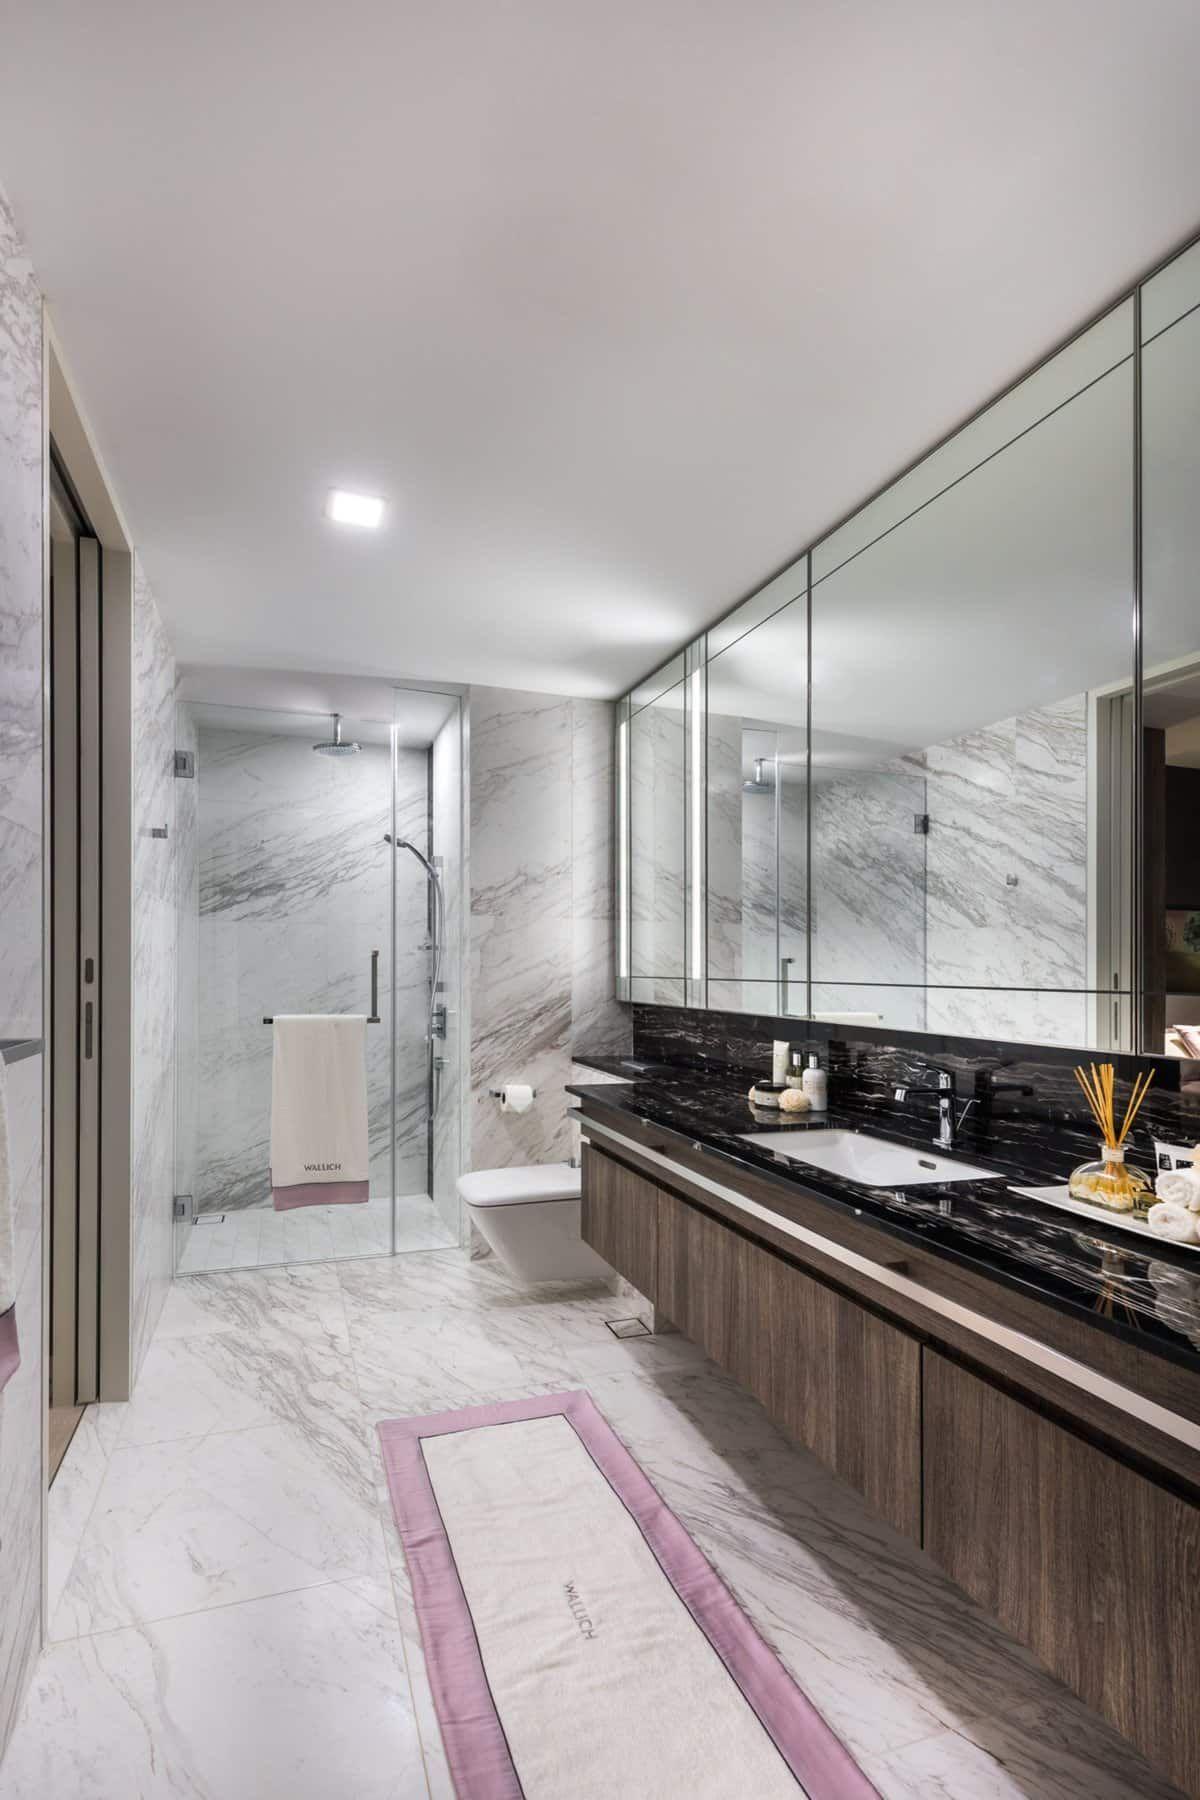 WallichResidenceSuperPenthouse9 Luxatic Luxury